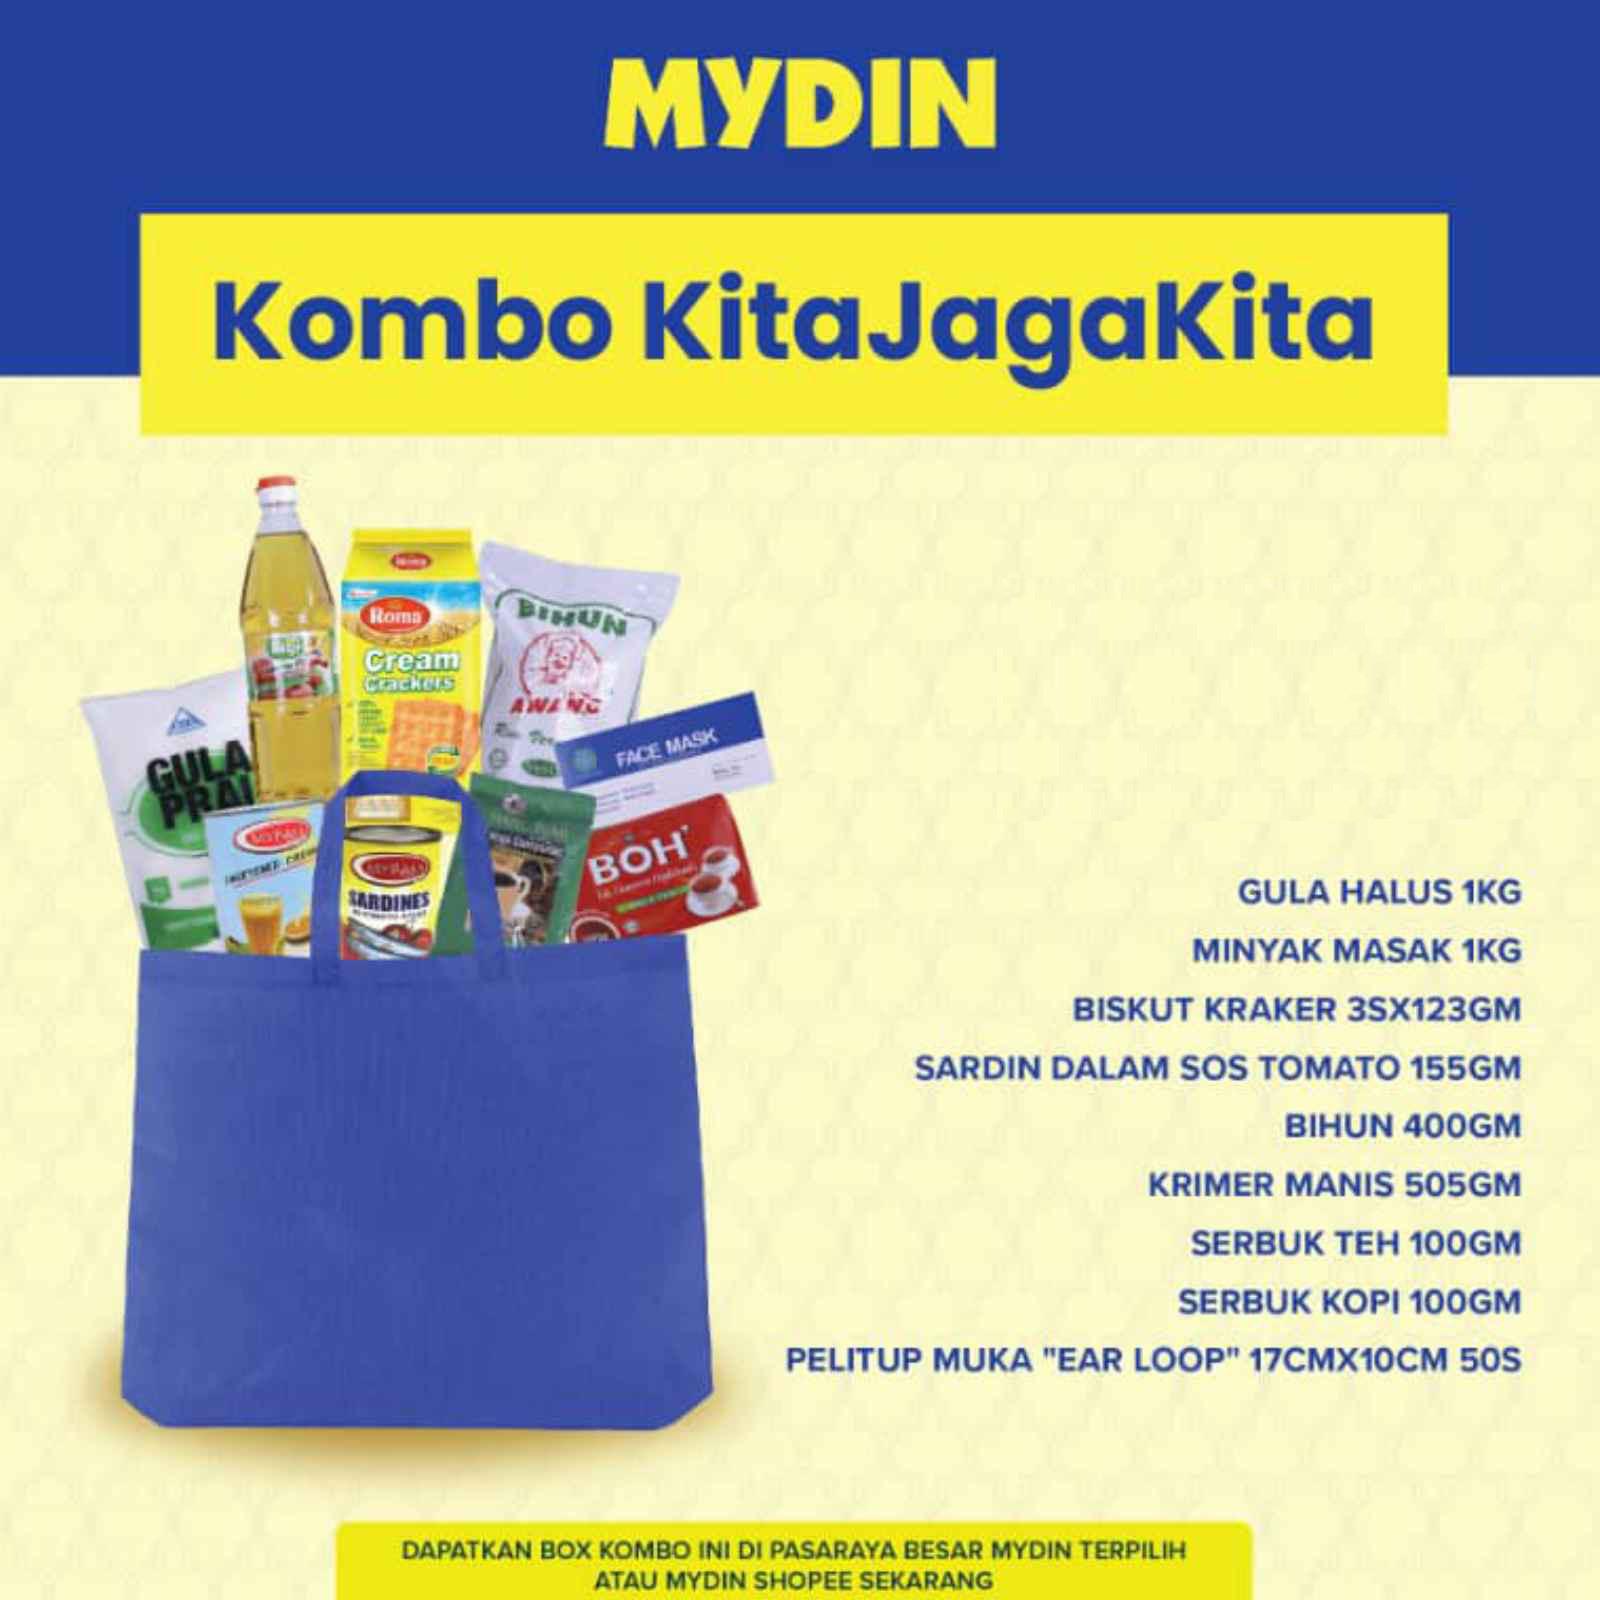 Kita Jaga Kita Box Combo (9 items)